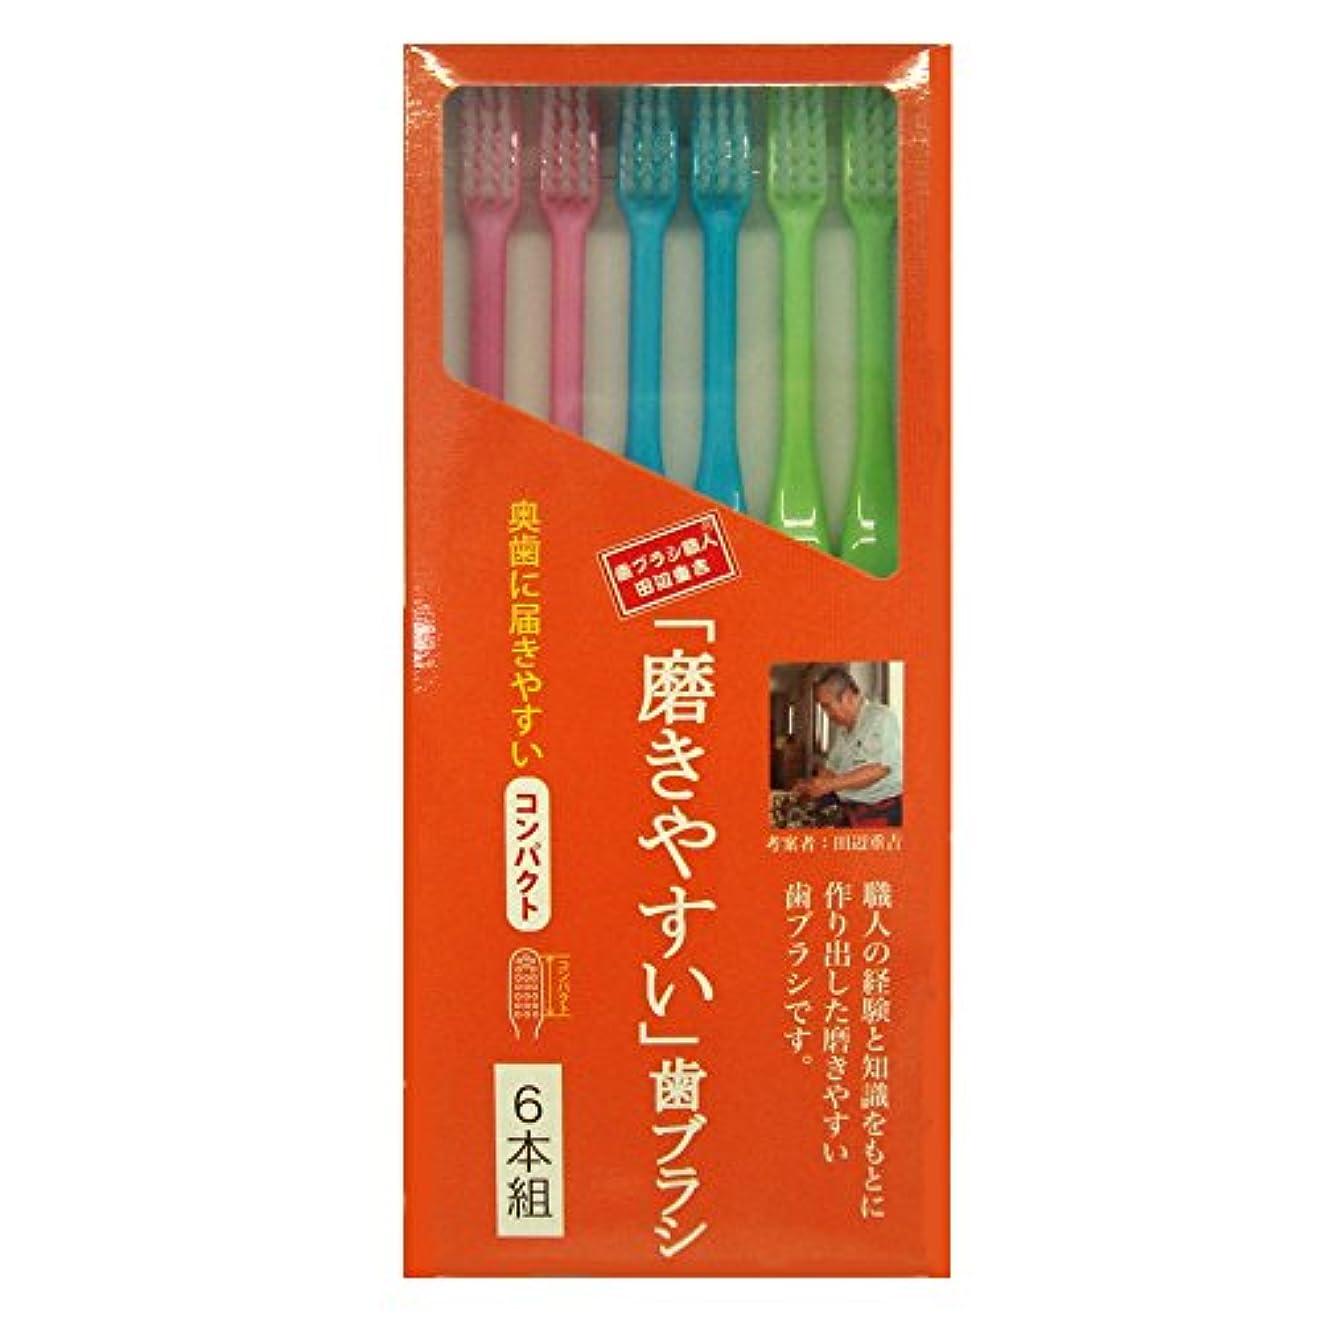 ボクシング武装解除道磨きやすい歯ブラシ 6本組 コンパクトタイプ